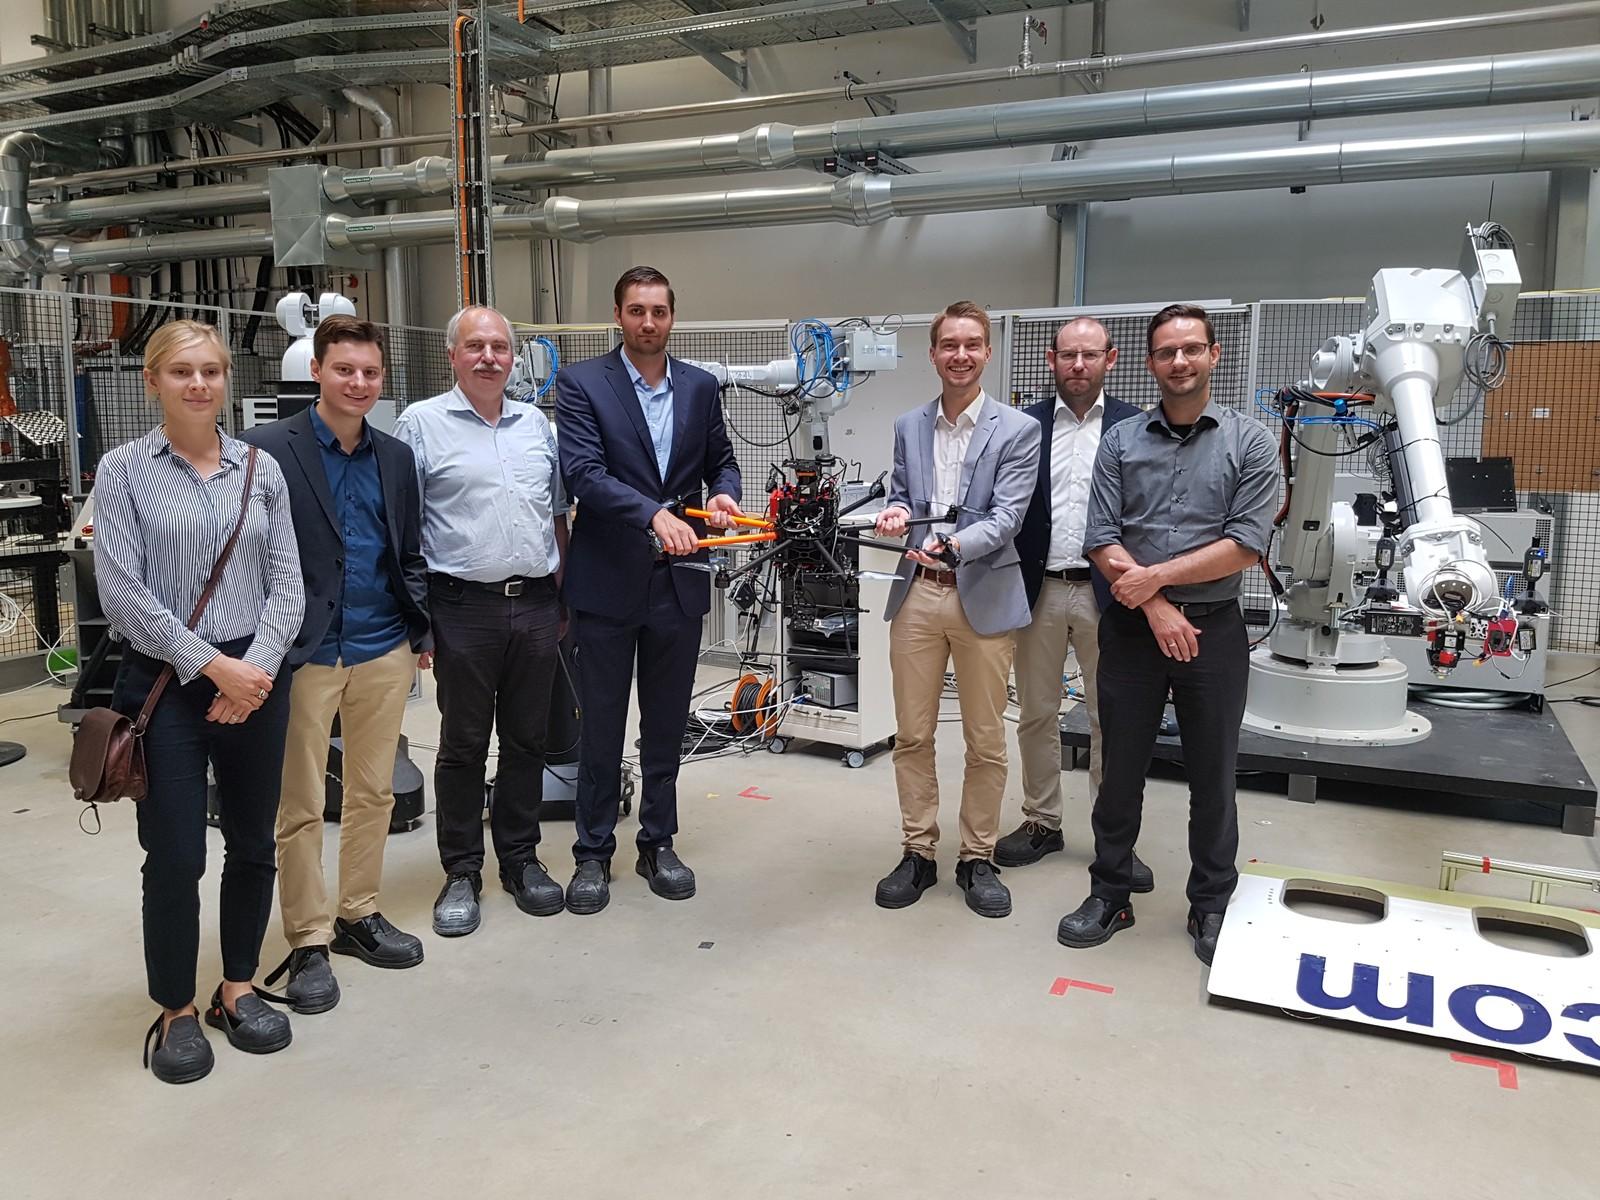 Das Forschungsteam (v. li.) A. Kluge-Wilkes (WZL), R. Pugliese (IRT), M. Sorg (DFMRS), A. Buckhorst (WZL), T. Konrad (IRT), Dr. S. Recher (SCISYS) und Dr.-Ing. R. Zweigel (IRT) kamen zum Projektzwischentreffen zusammen.